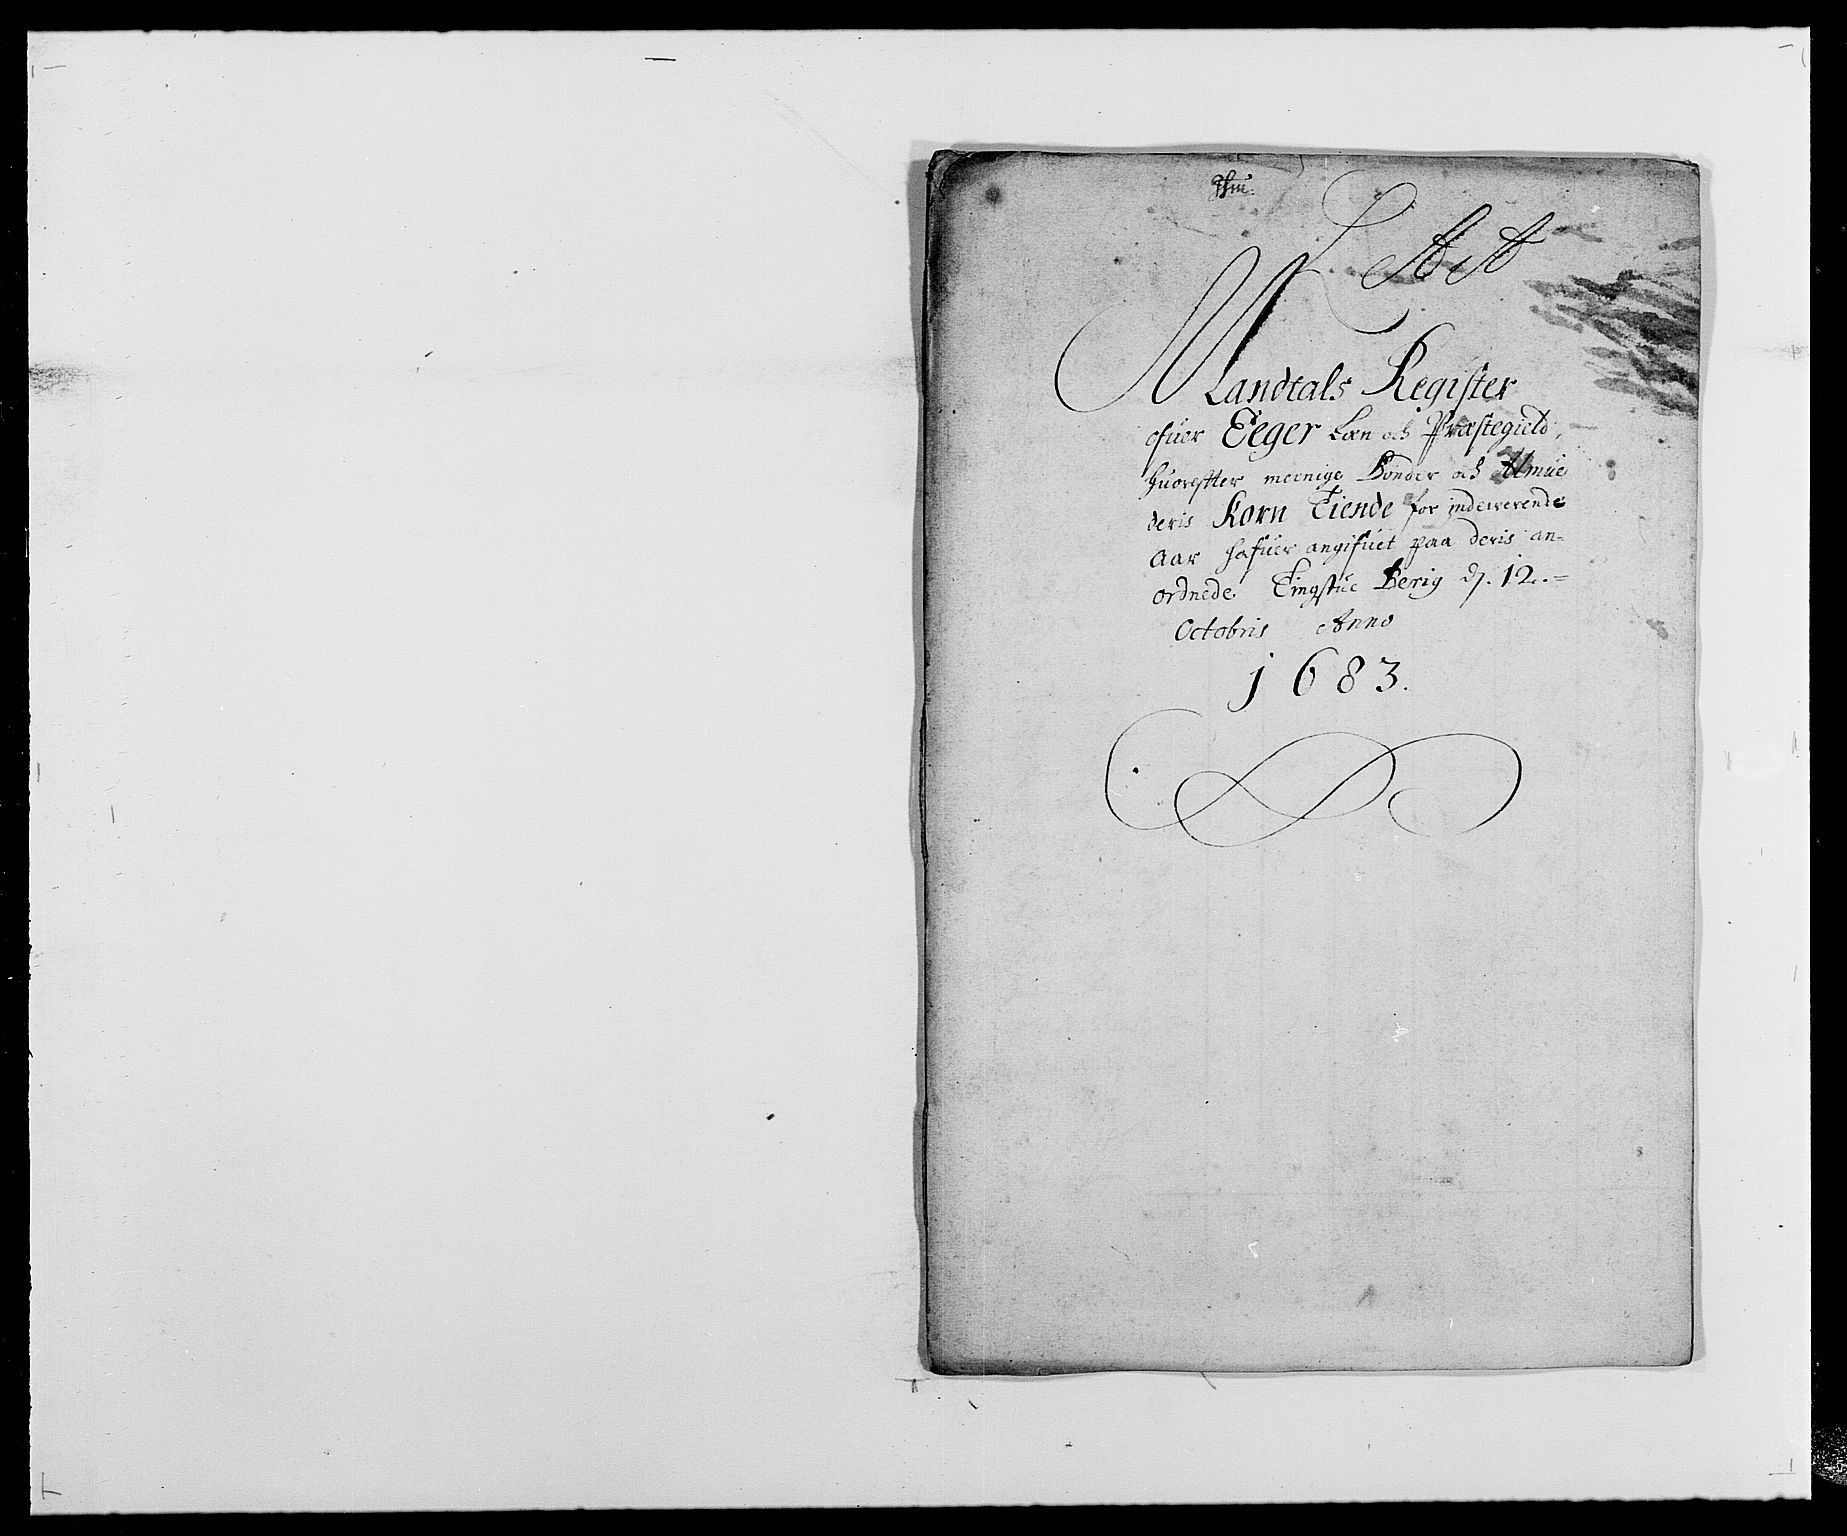 RA, Rentekammeret inntil 1814, Reviderte regnskaper, Fogderegnskap, R26/L1684: Fogderegnskap Eiker, 1679-1686, s. 345